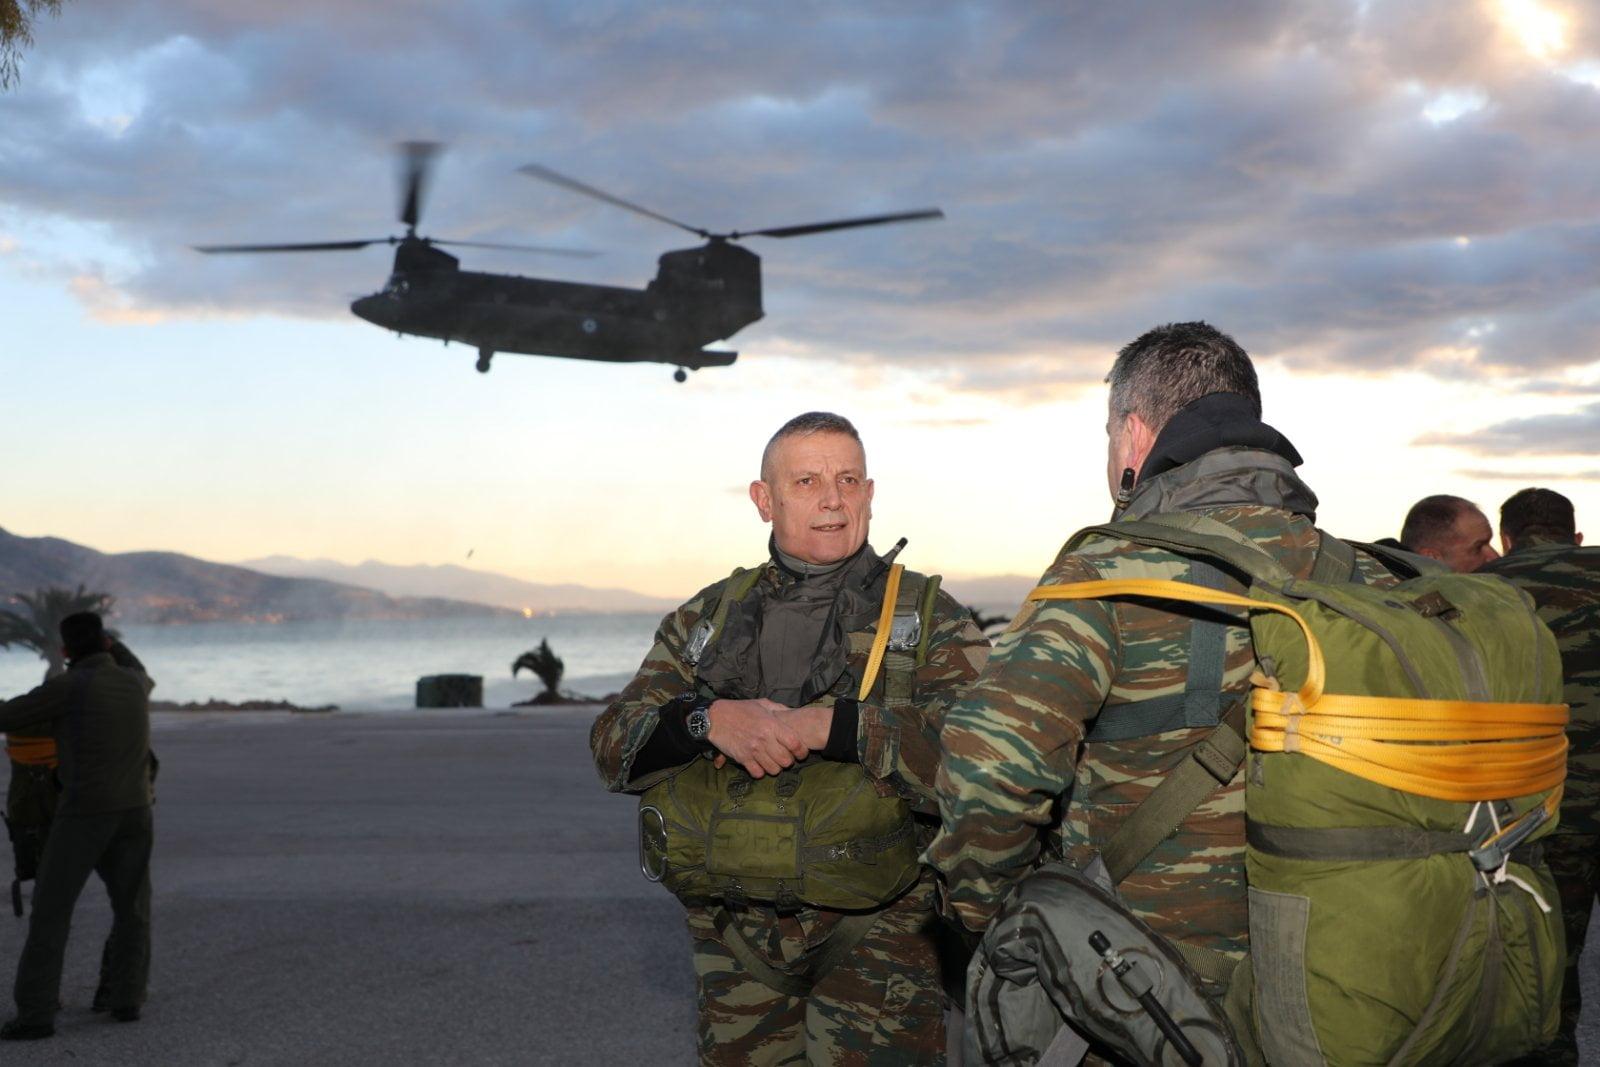 ΚΟΜΑΝΤΟ Ο ΑΡΧΗΓΟΣ ΓΕΕΘΑ: Άλμα απο Chinook & συντήρηση ικανότητας βατραχανθρώπου